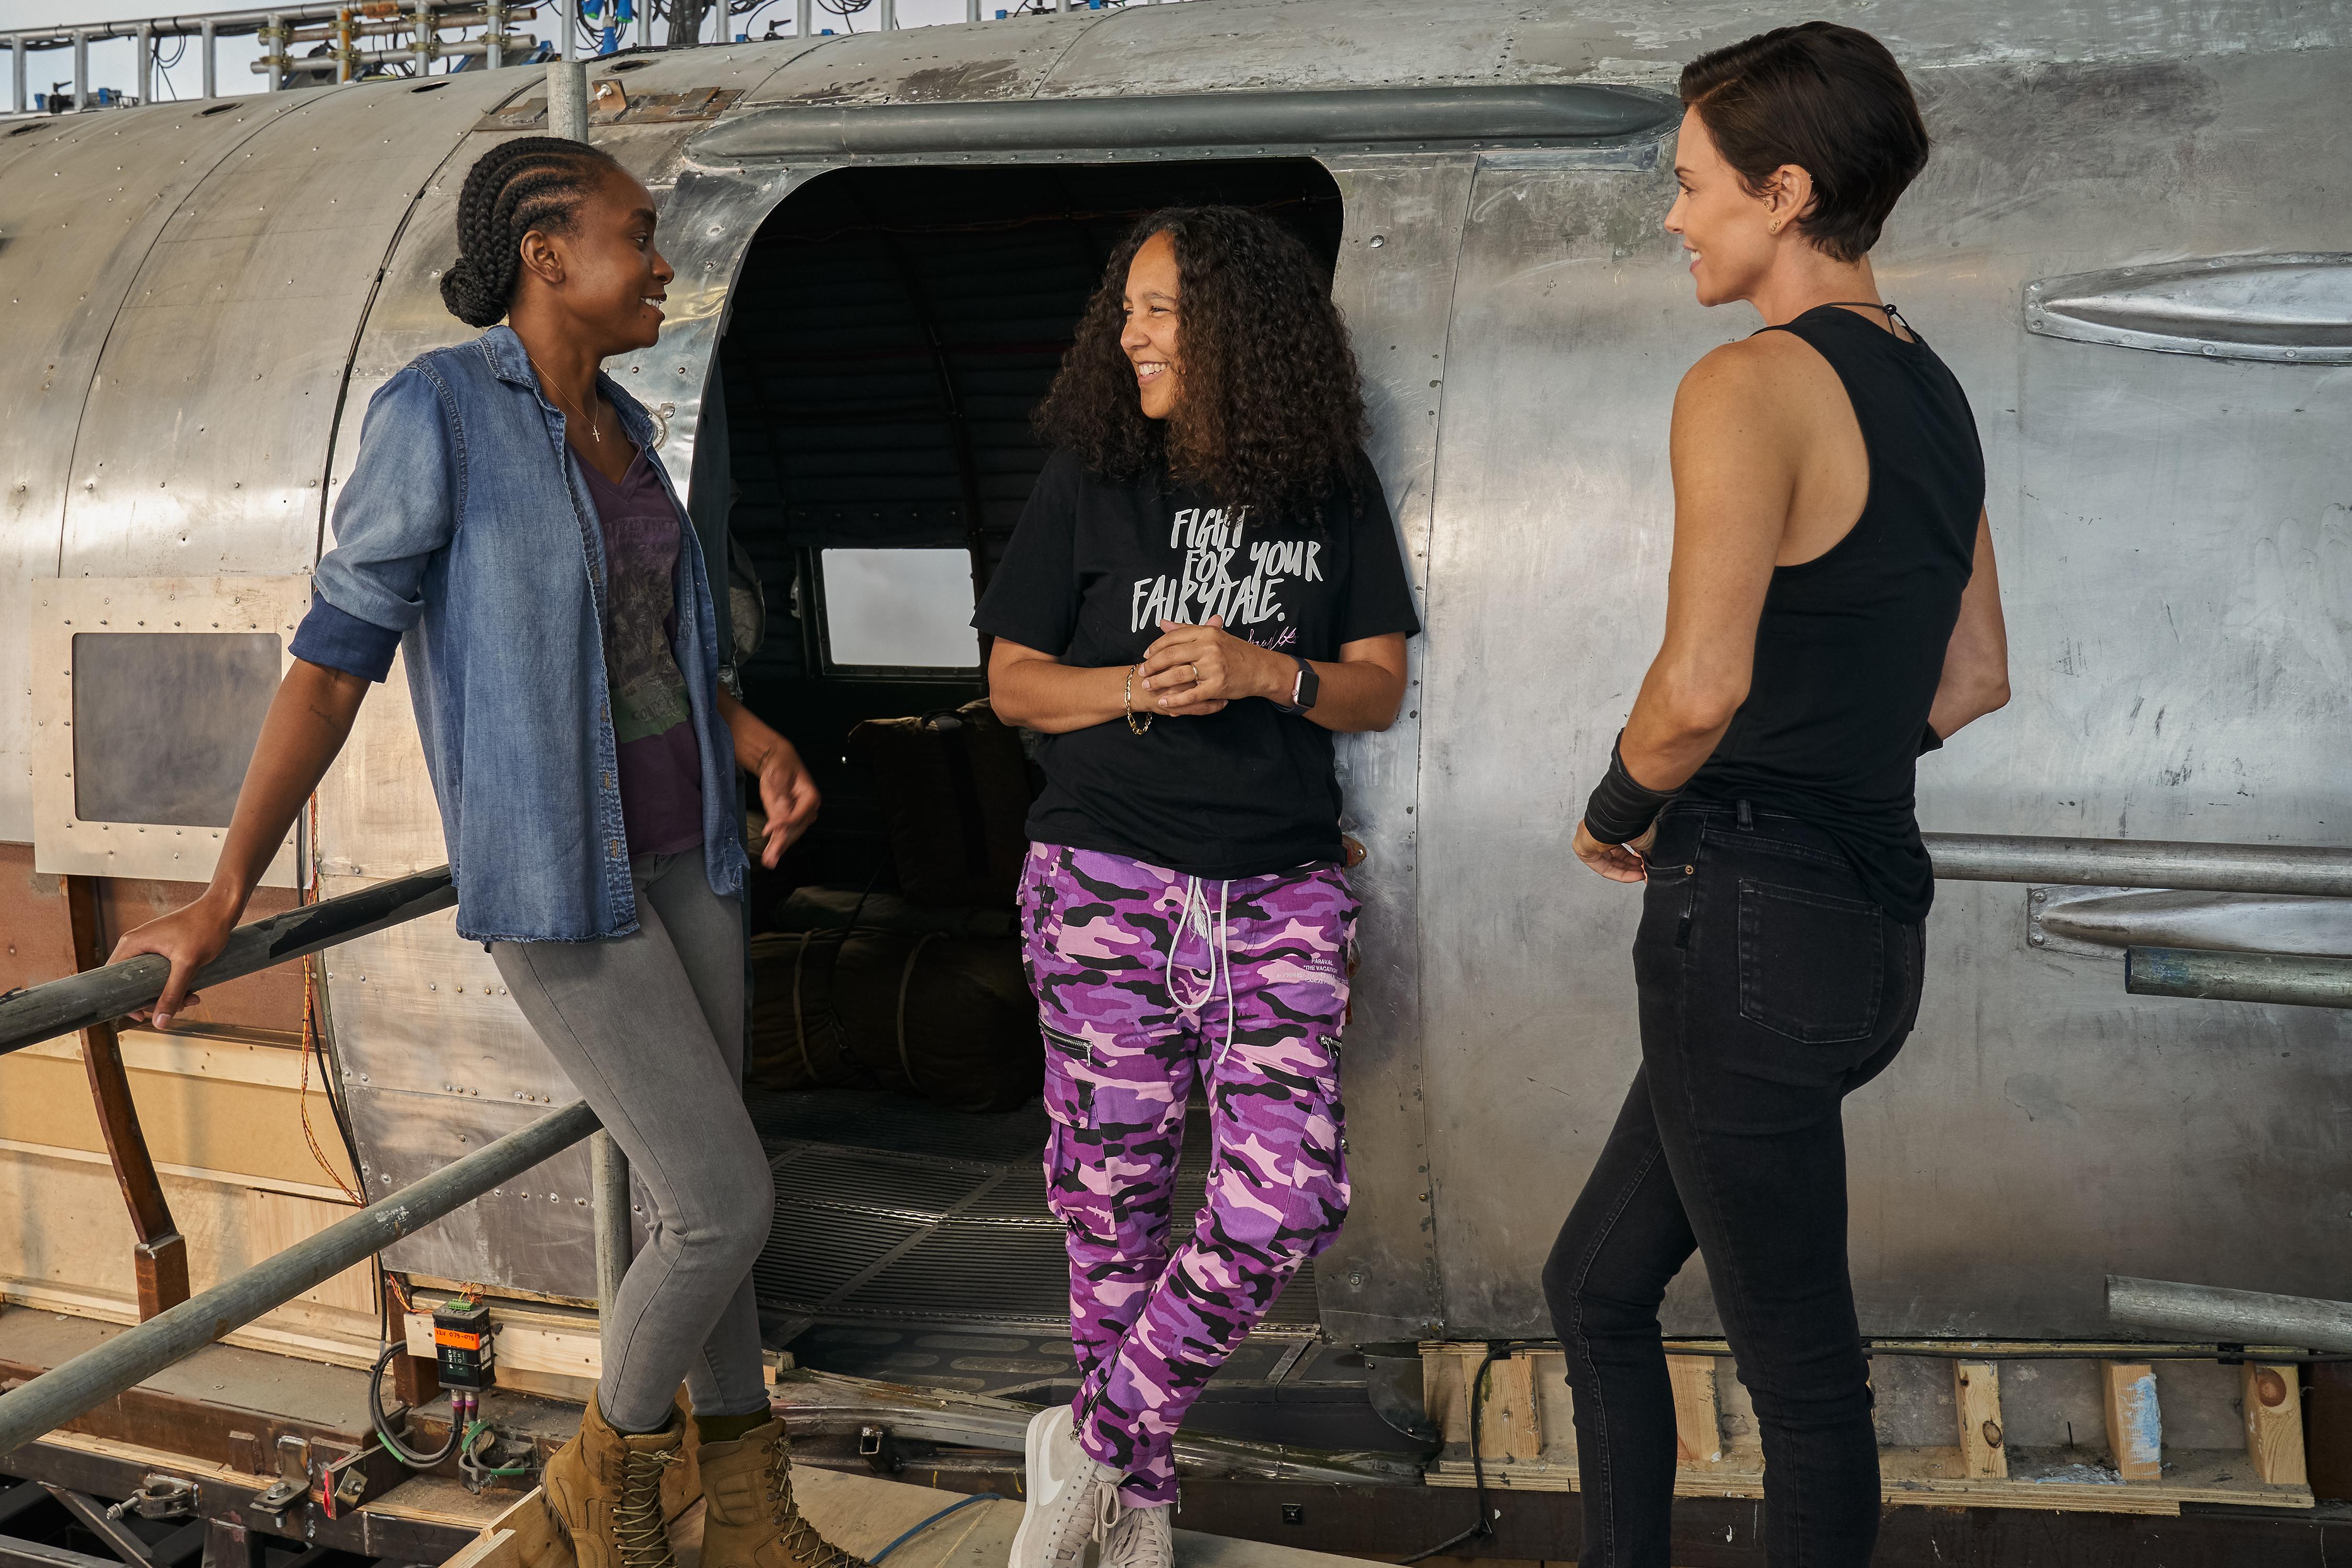 奧斯卡影后莎莉賽隆(右1)邀請好萊塢女導吉娜普林斯貝瑟伍(右2)與女星基基萊恩(左1)參與《不死軍團》